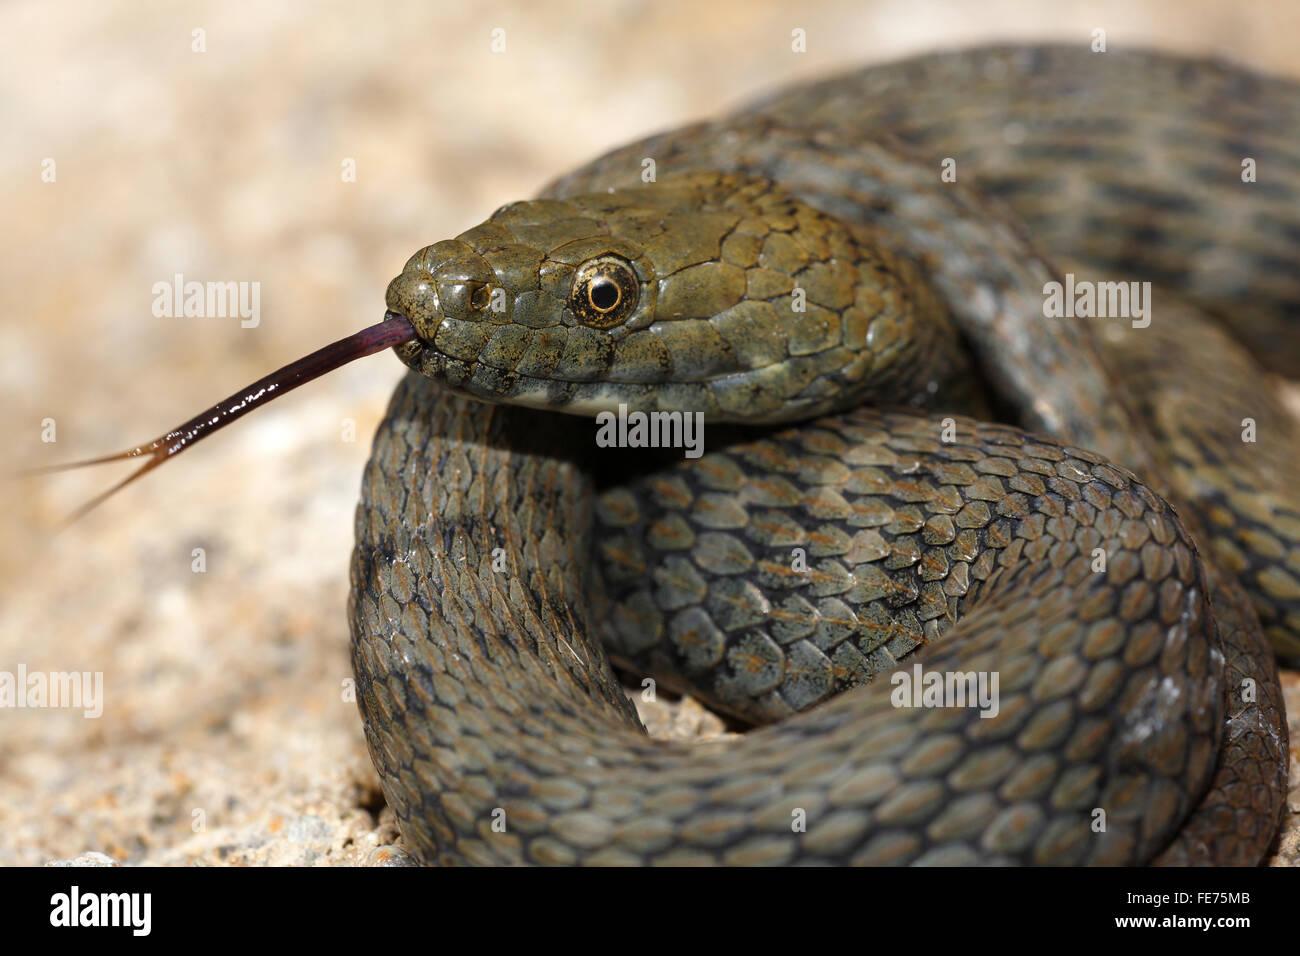 Lambent dice snake (Natrix tessellata), snake, Balaton Uplands National Park, Lake Balaton, Hungary - Stock Image